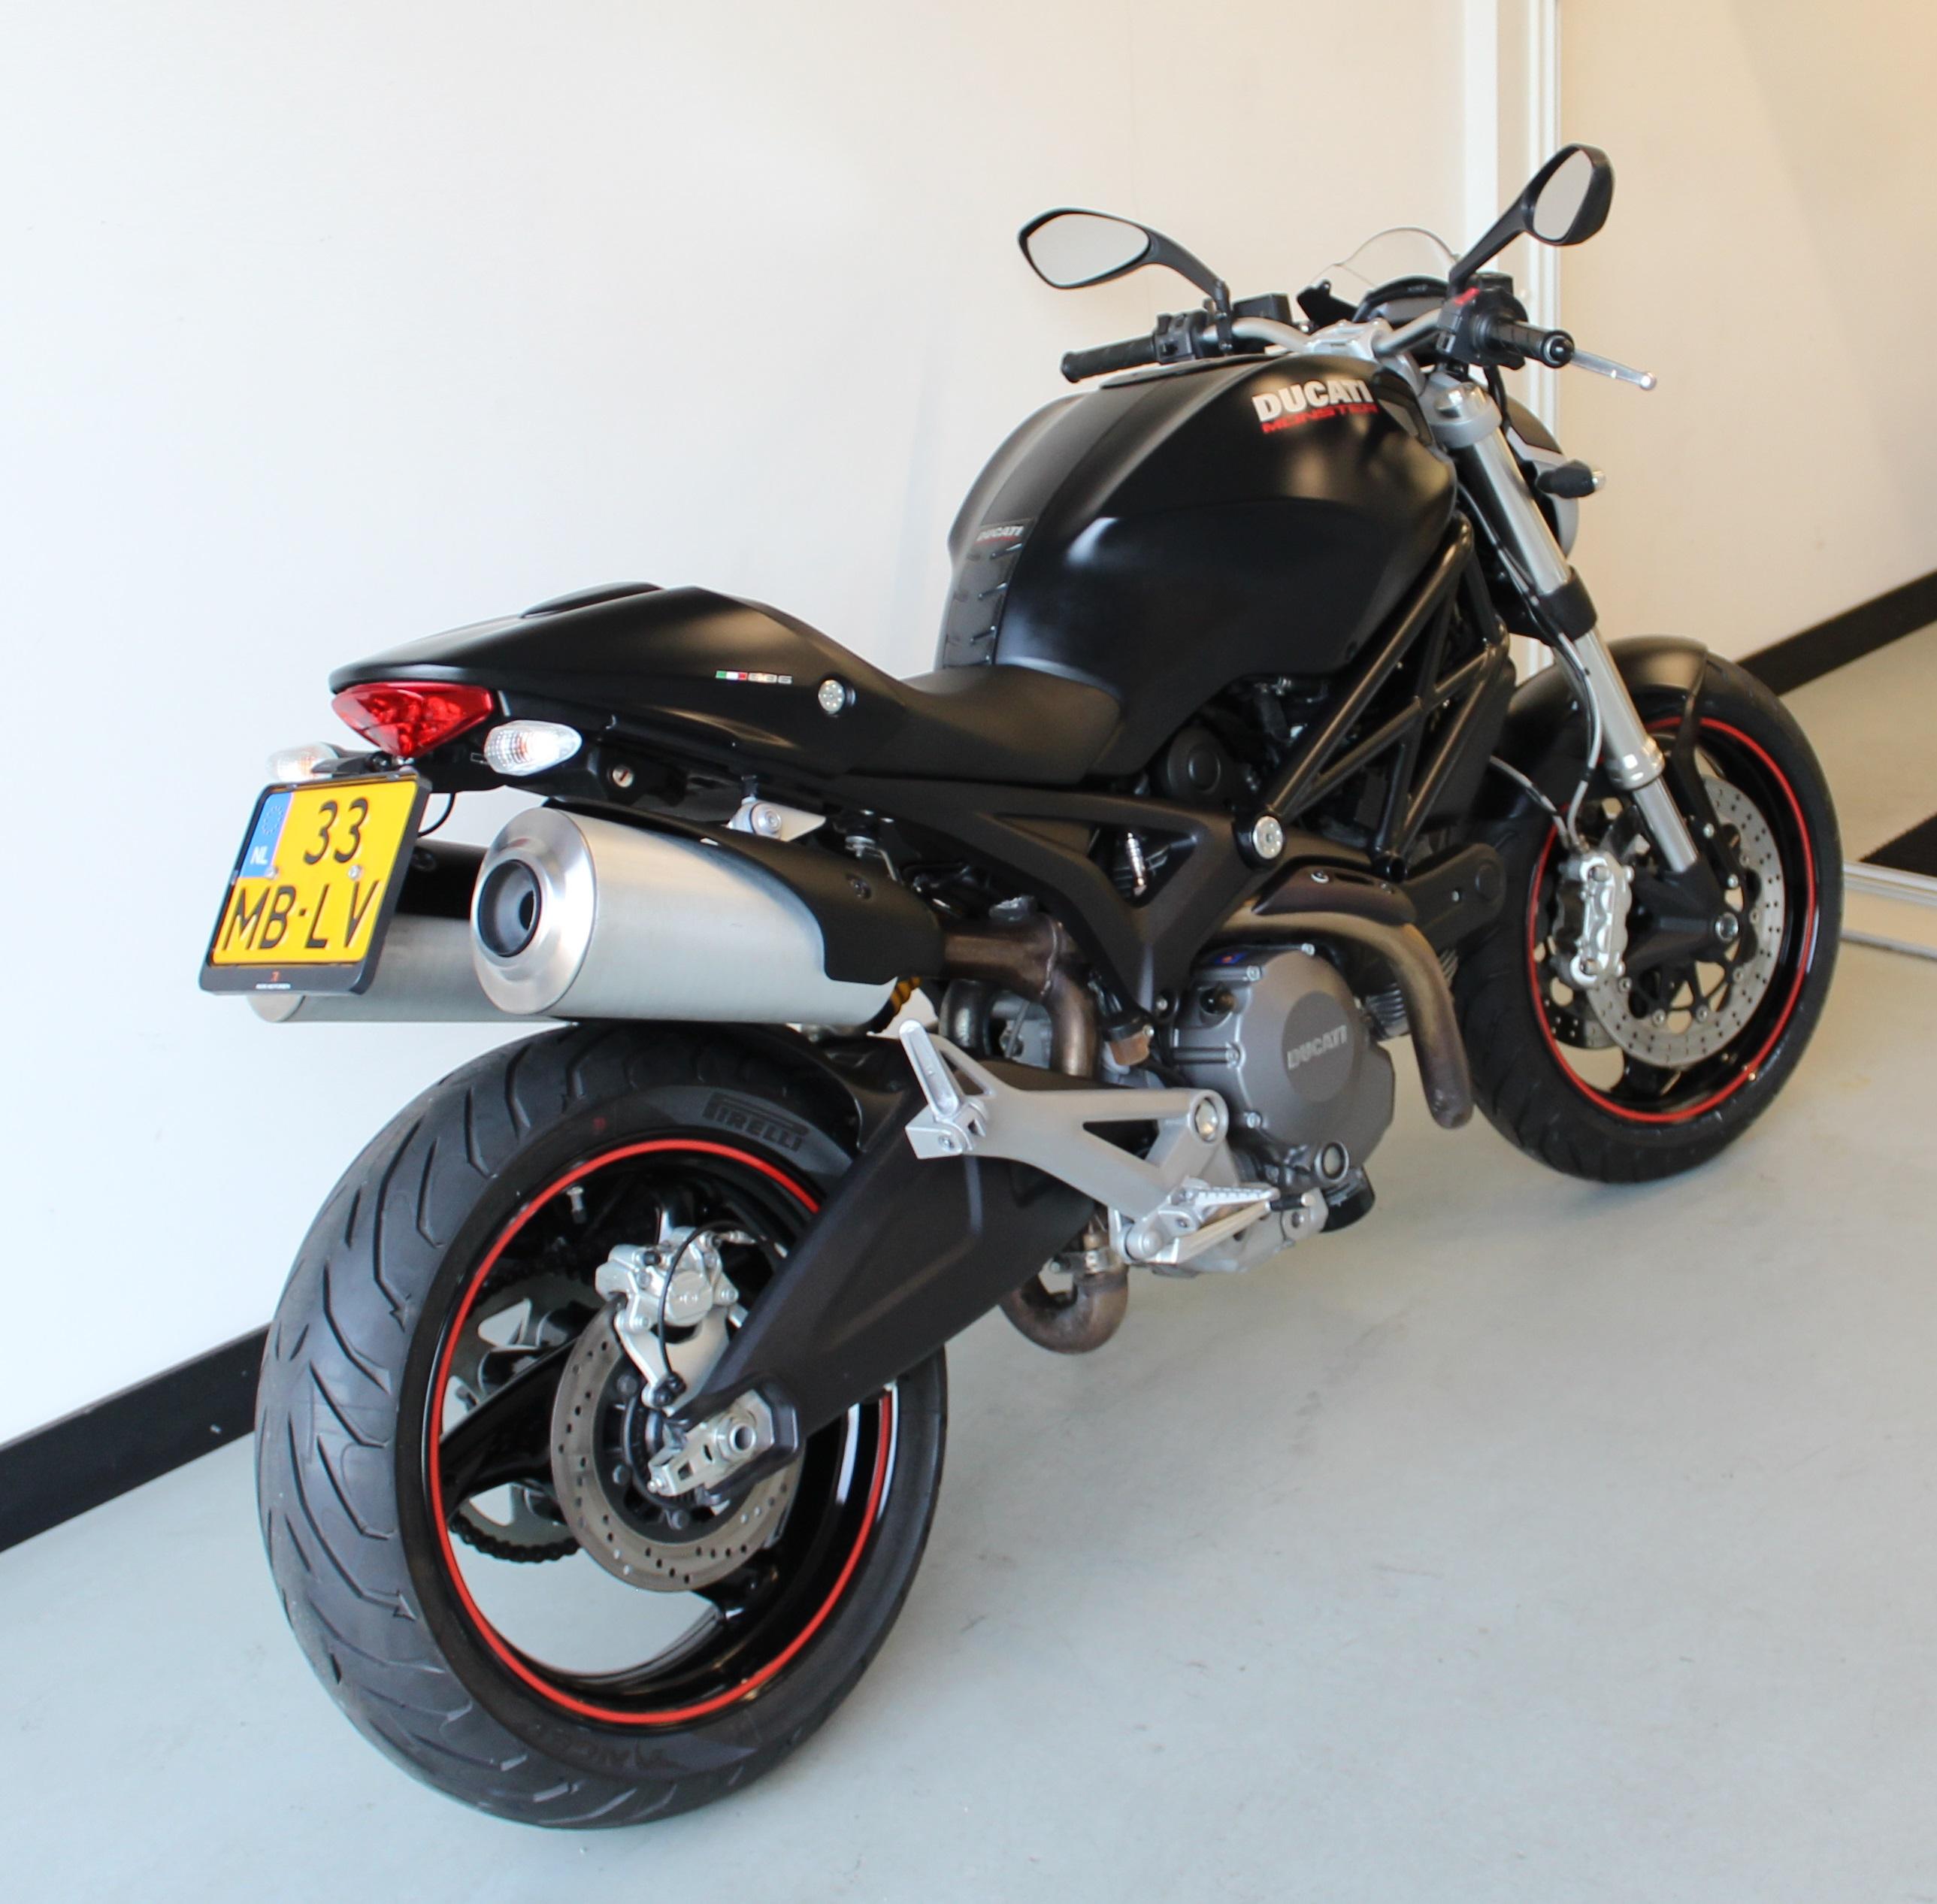 La nueva generaciòn naked Ducati monster 696 | TecnoAutos.com